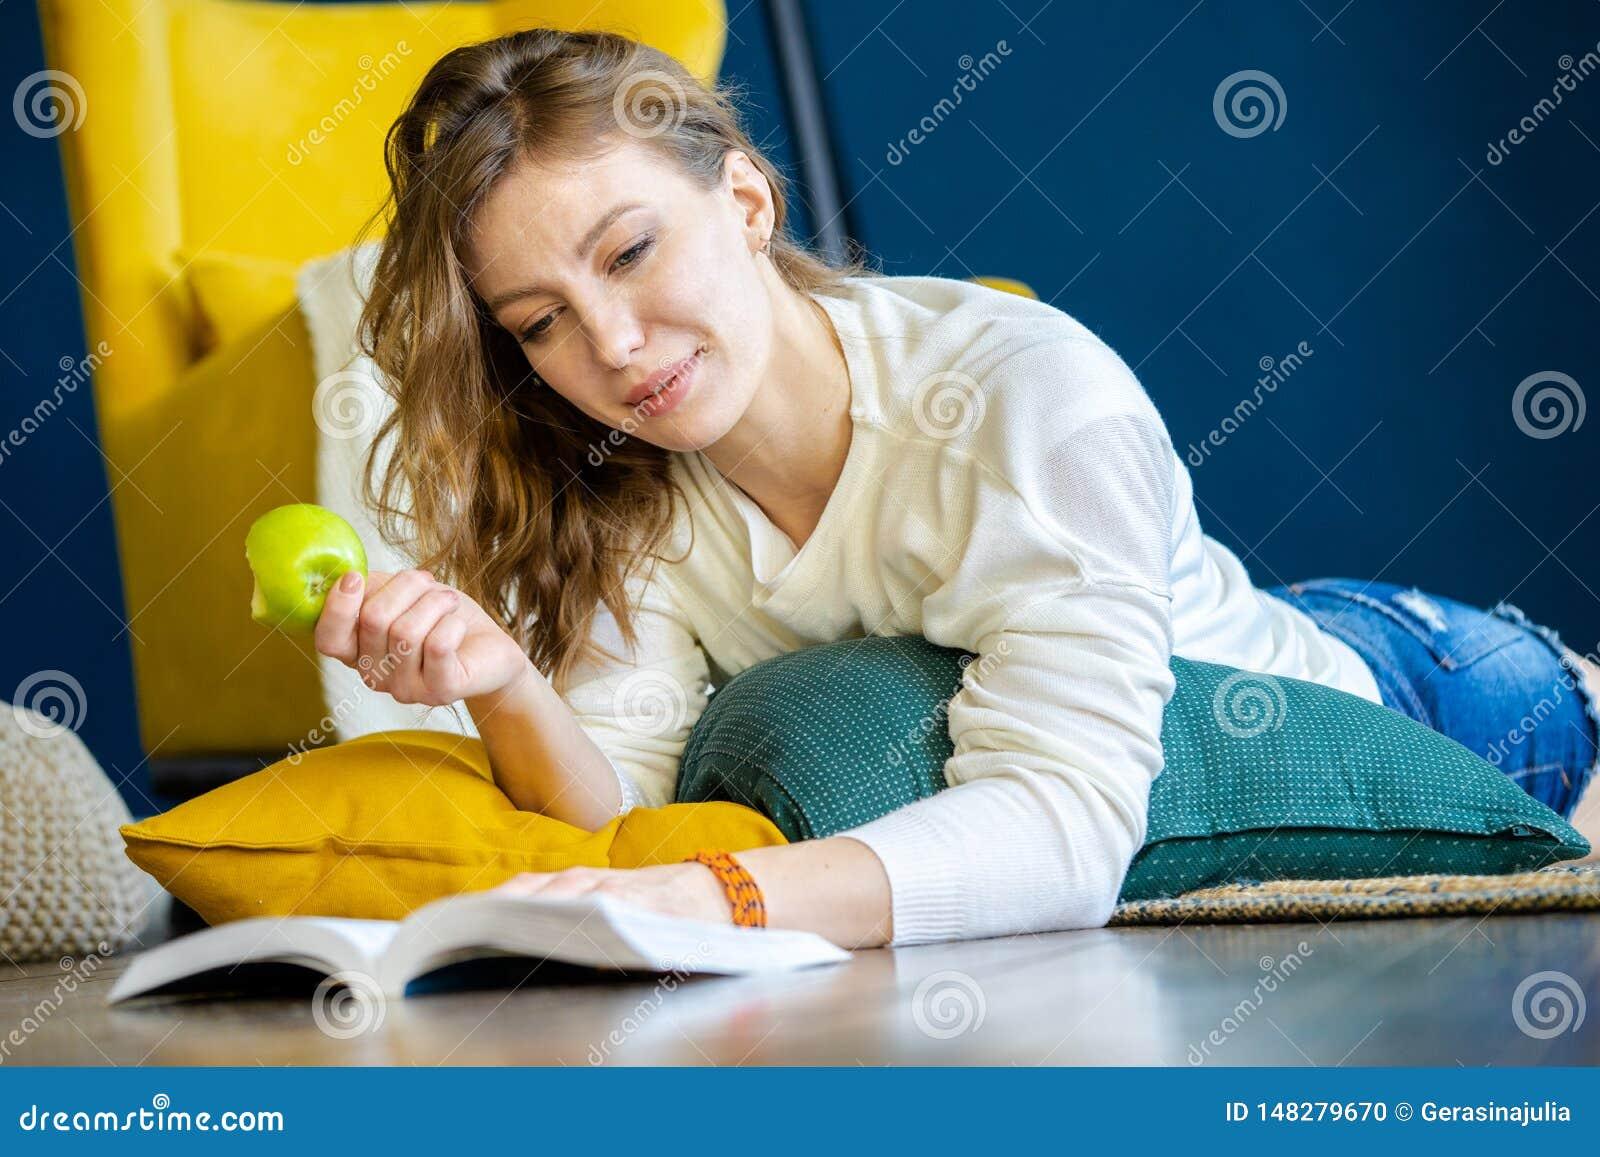 Livre de lecture de femme à la maison et s étendant sur le plancher à côté du fauteuil jaune